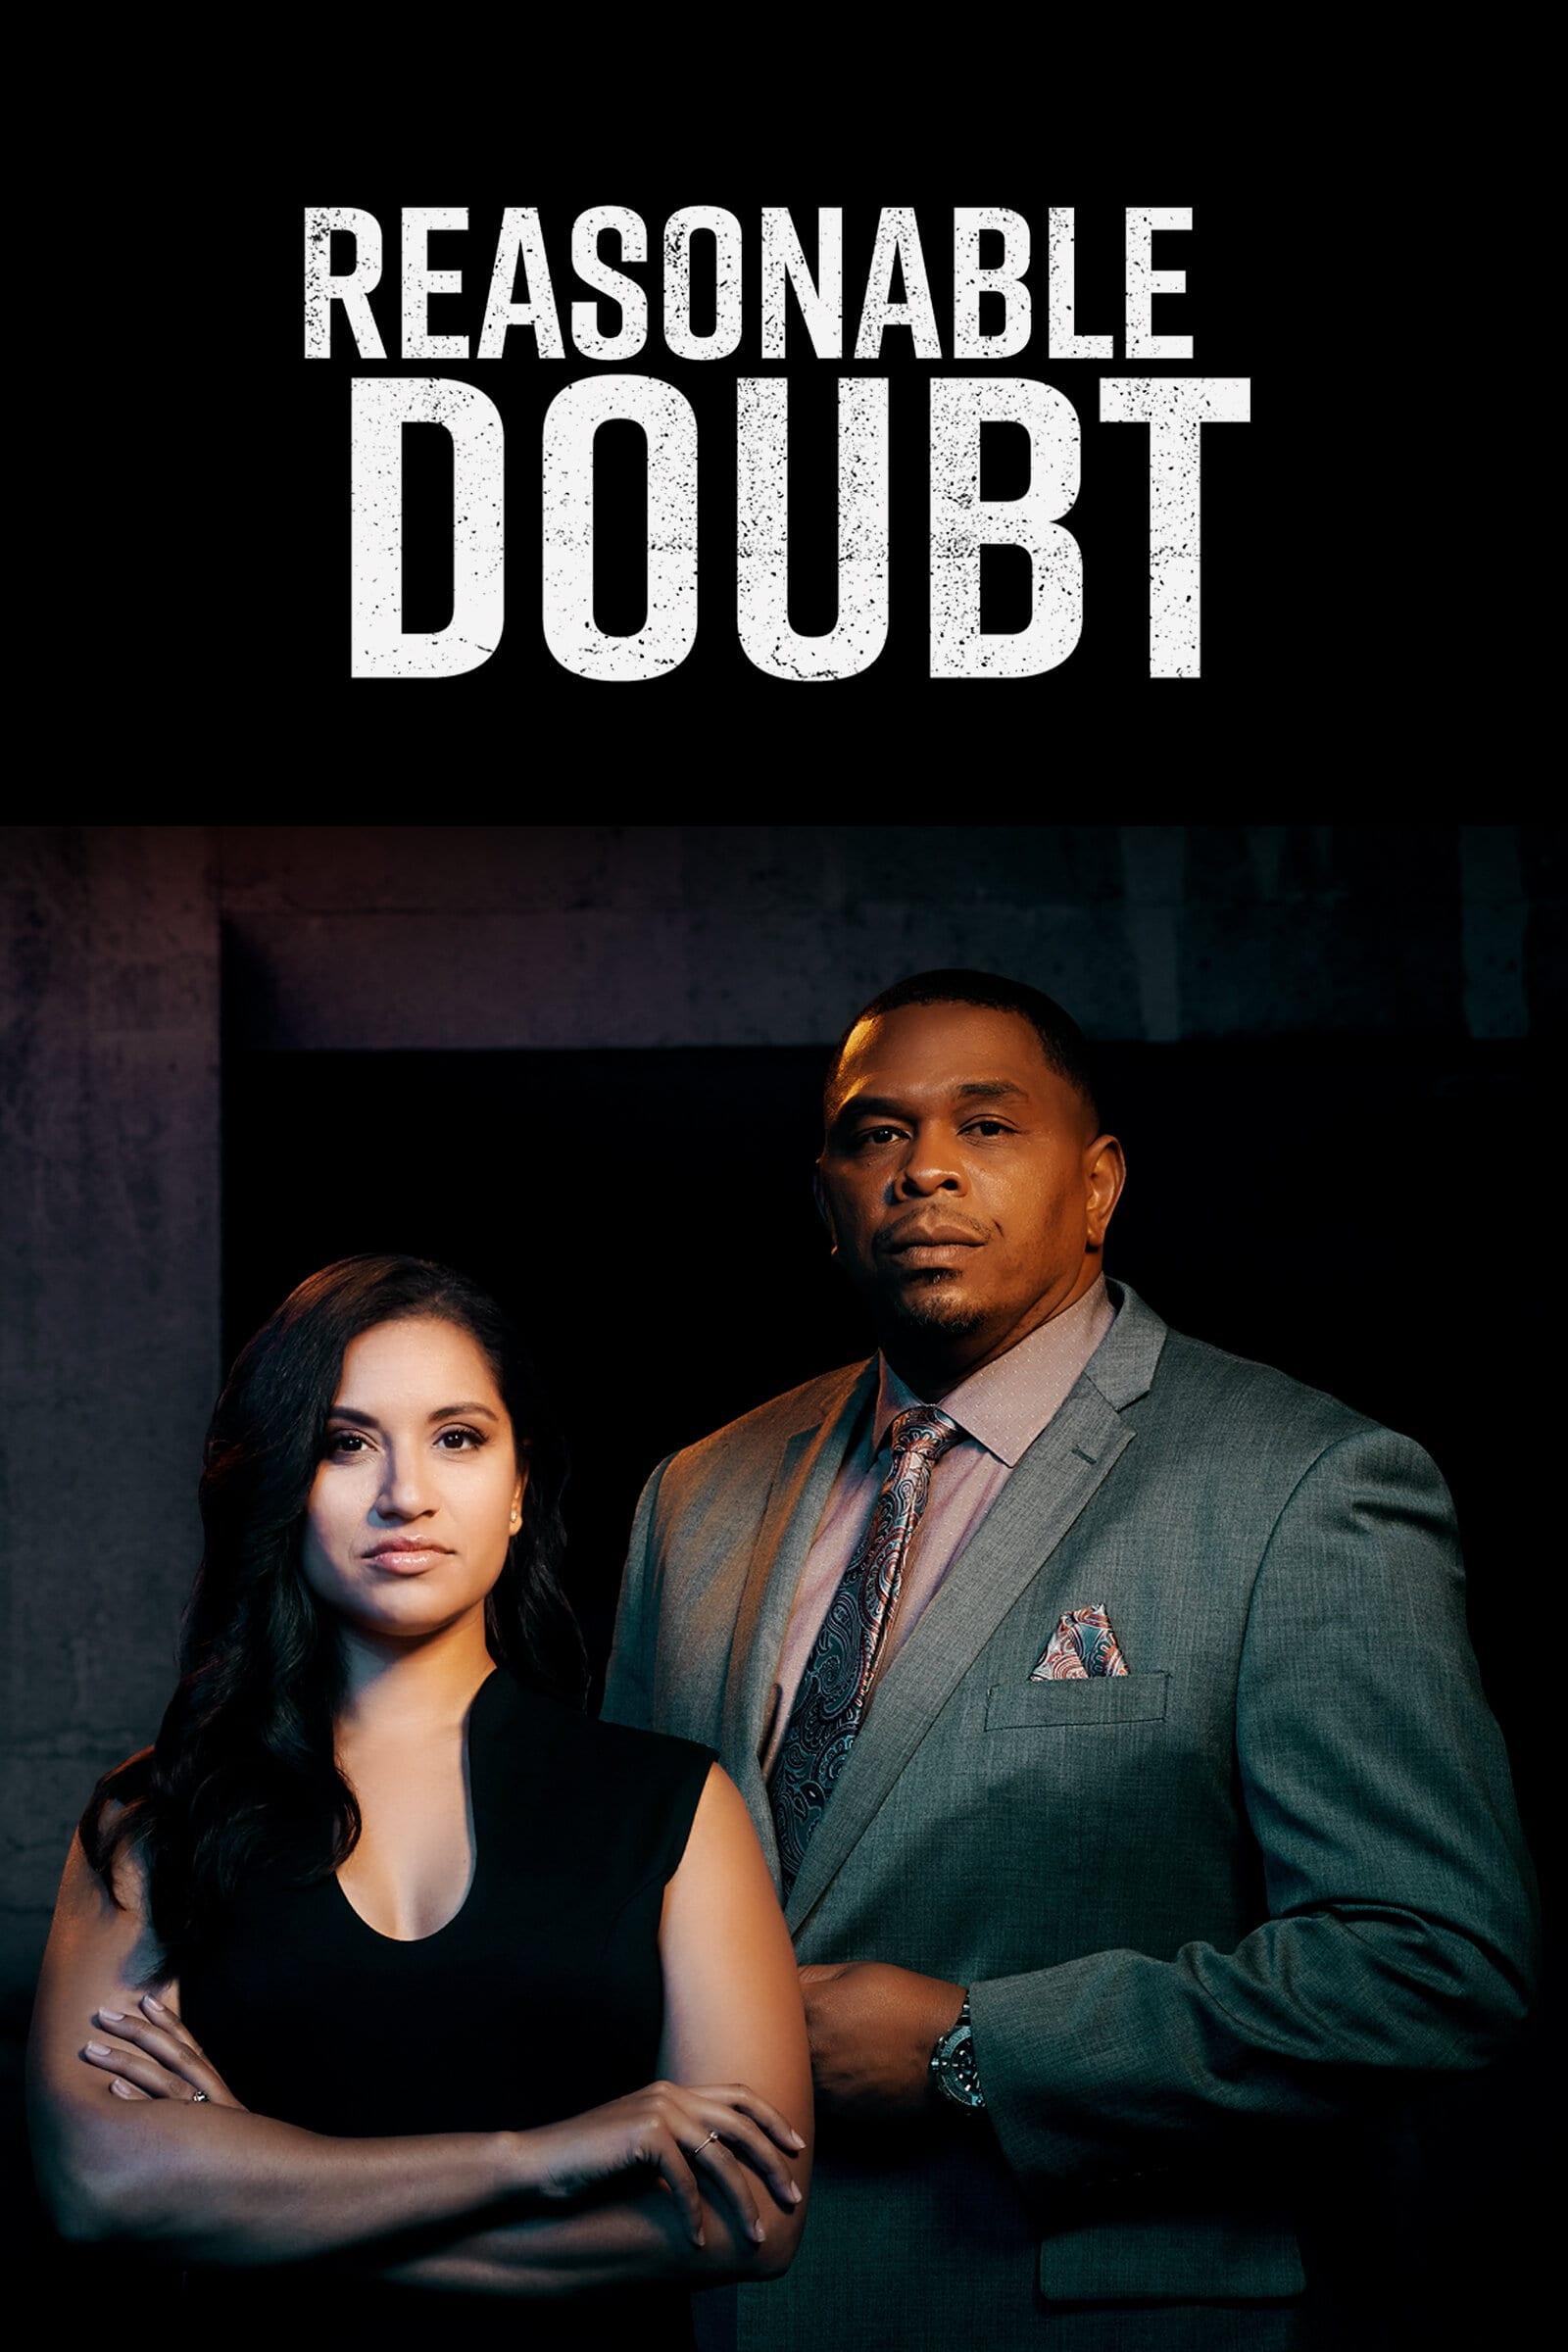 Reasonable Doubt teaser image